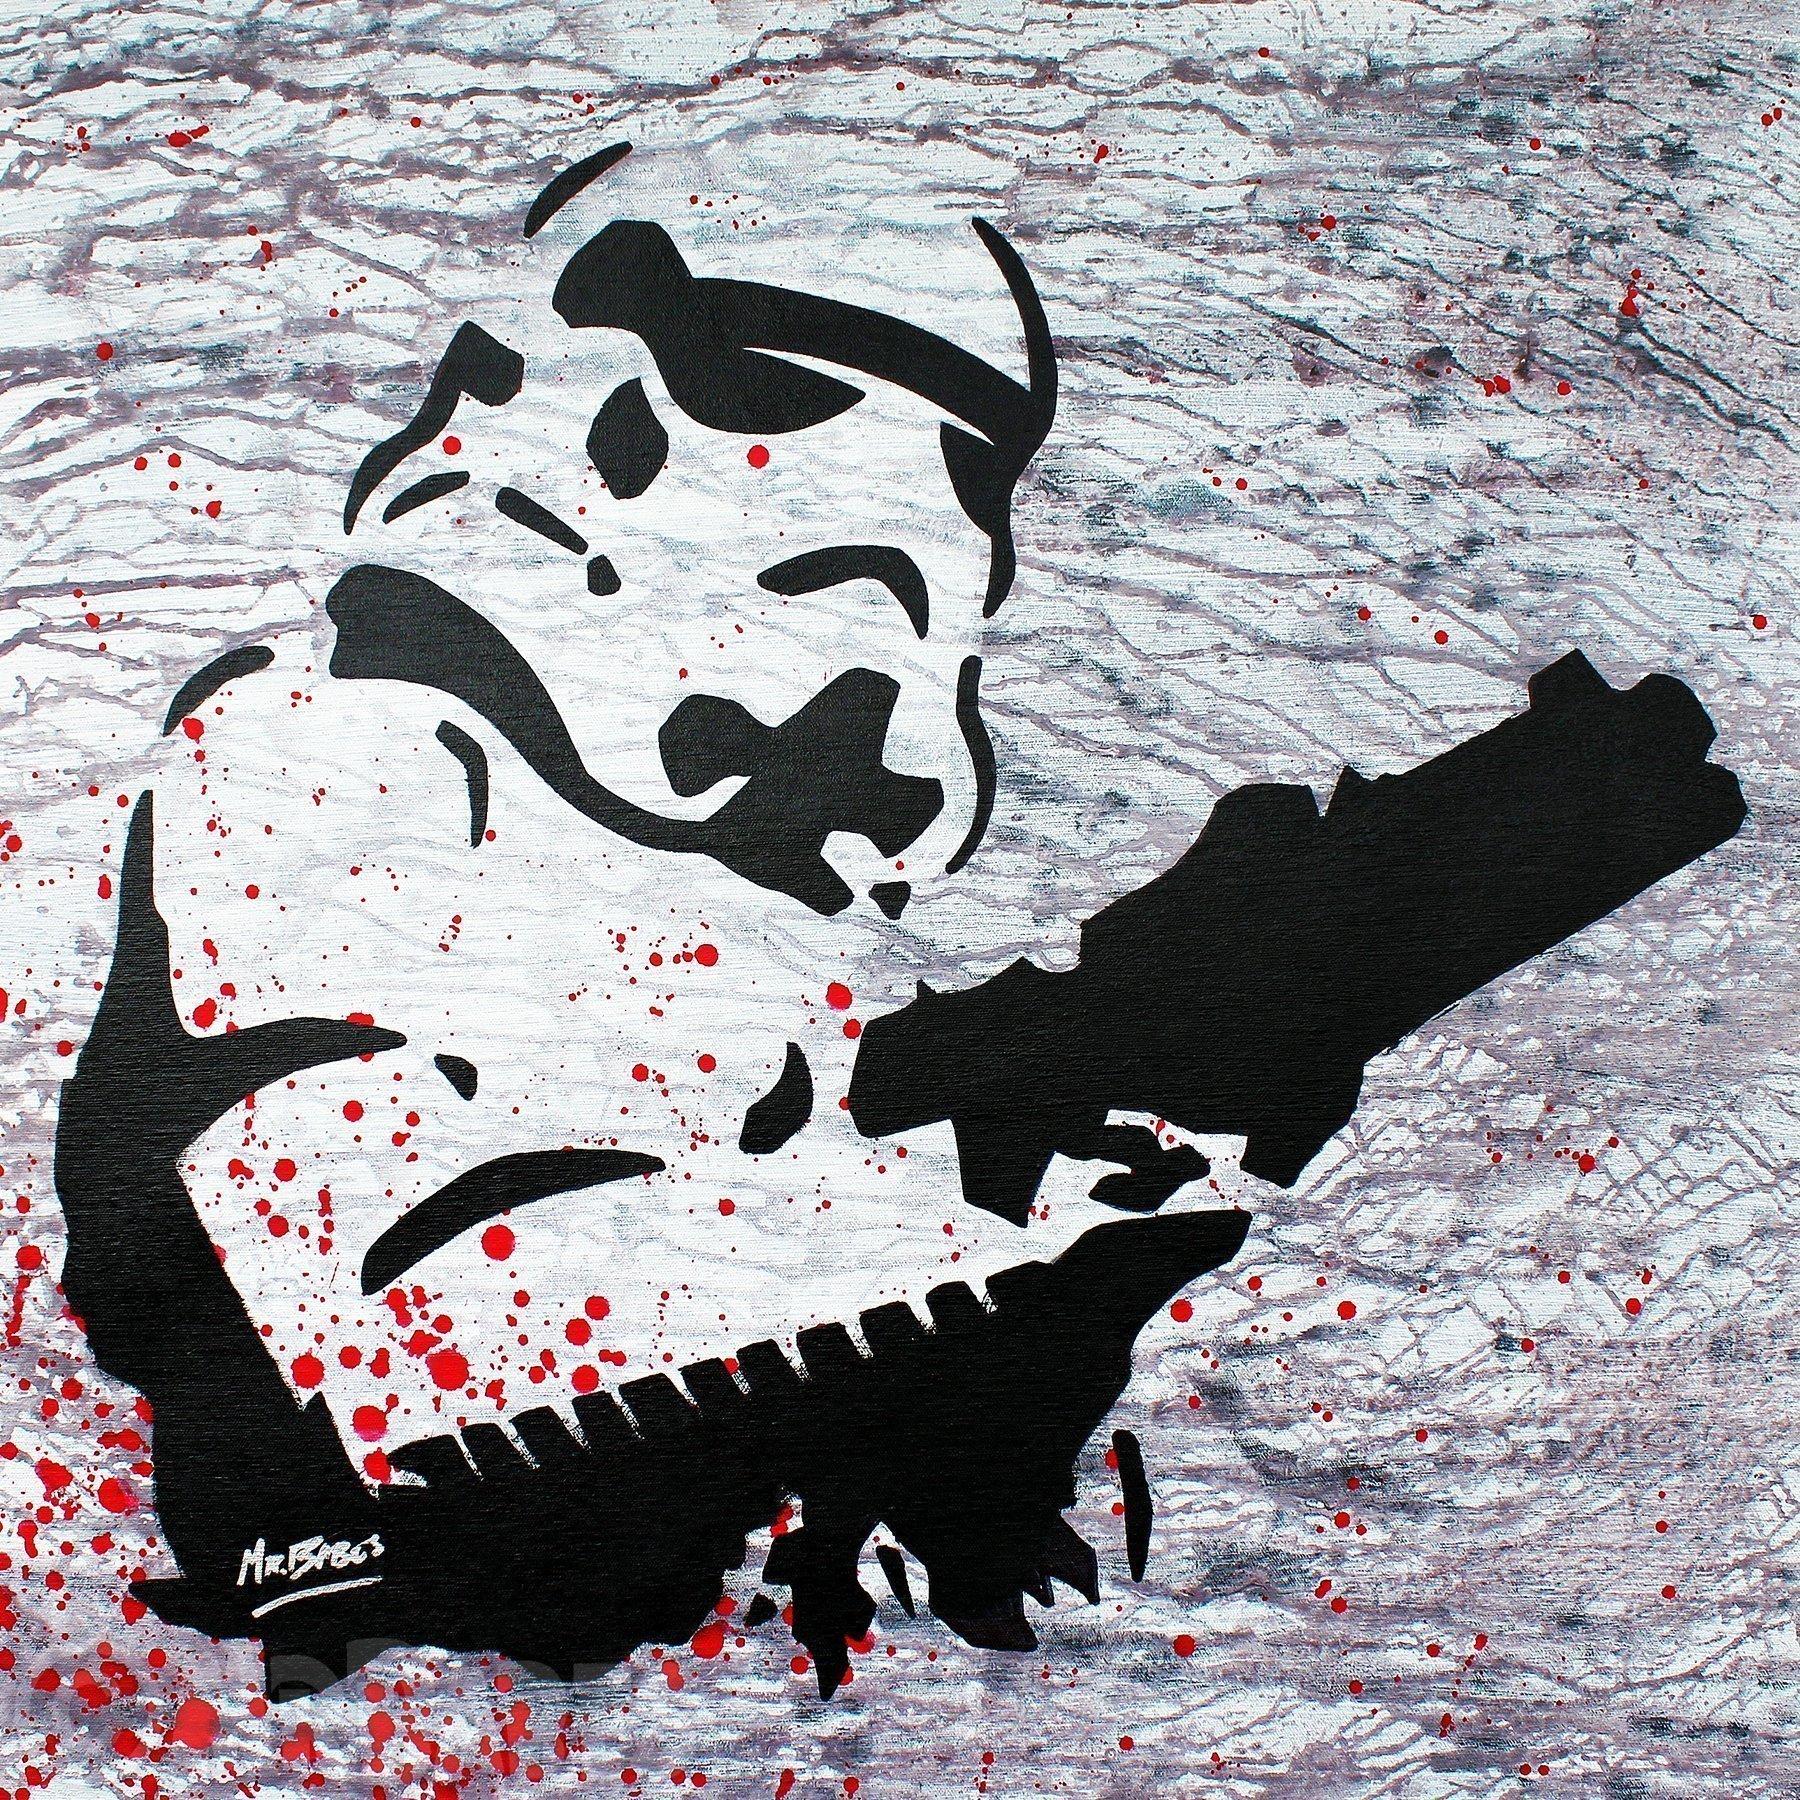 MR.BABES - ''Star Wars: Stormtrooper'' - Original Pop Art Painting - Movie Portrait